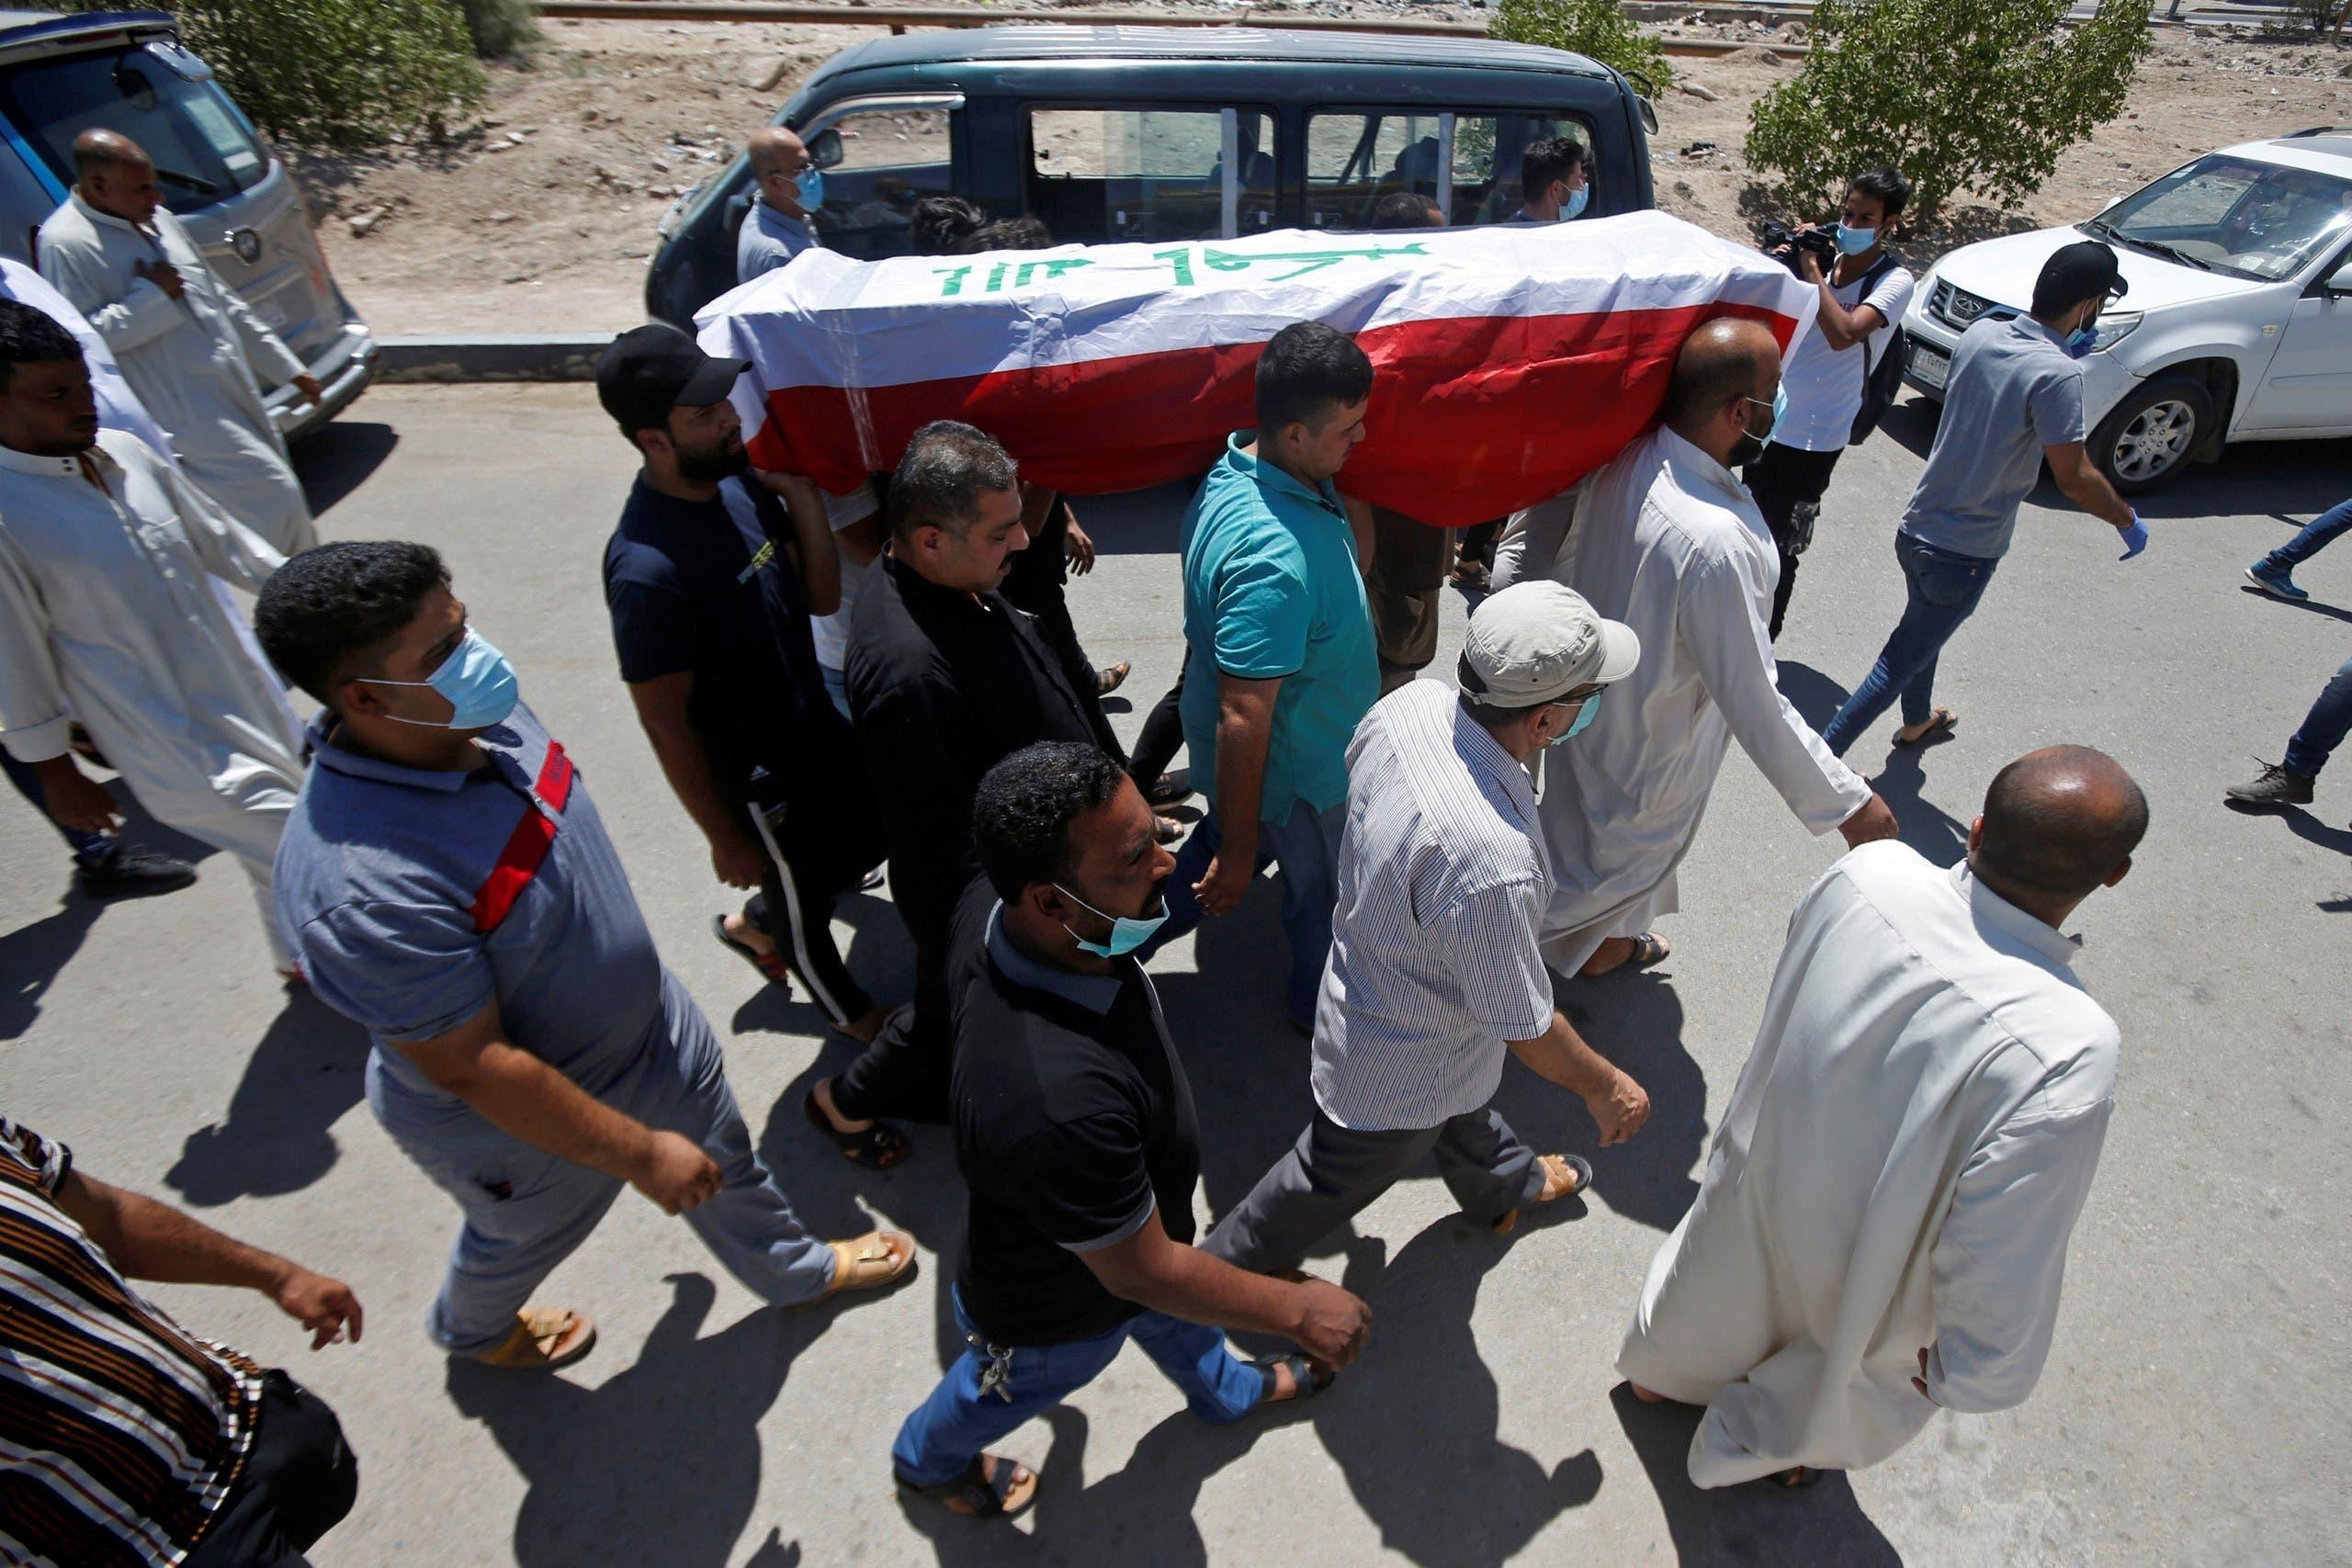 تشییع جنازه ریهام یعقوب فعال سیاسی بصره که روز چهارشنبه ترور شد